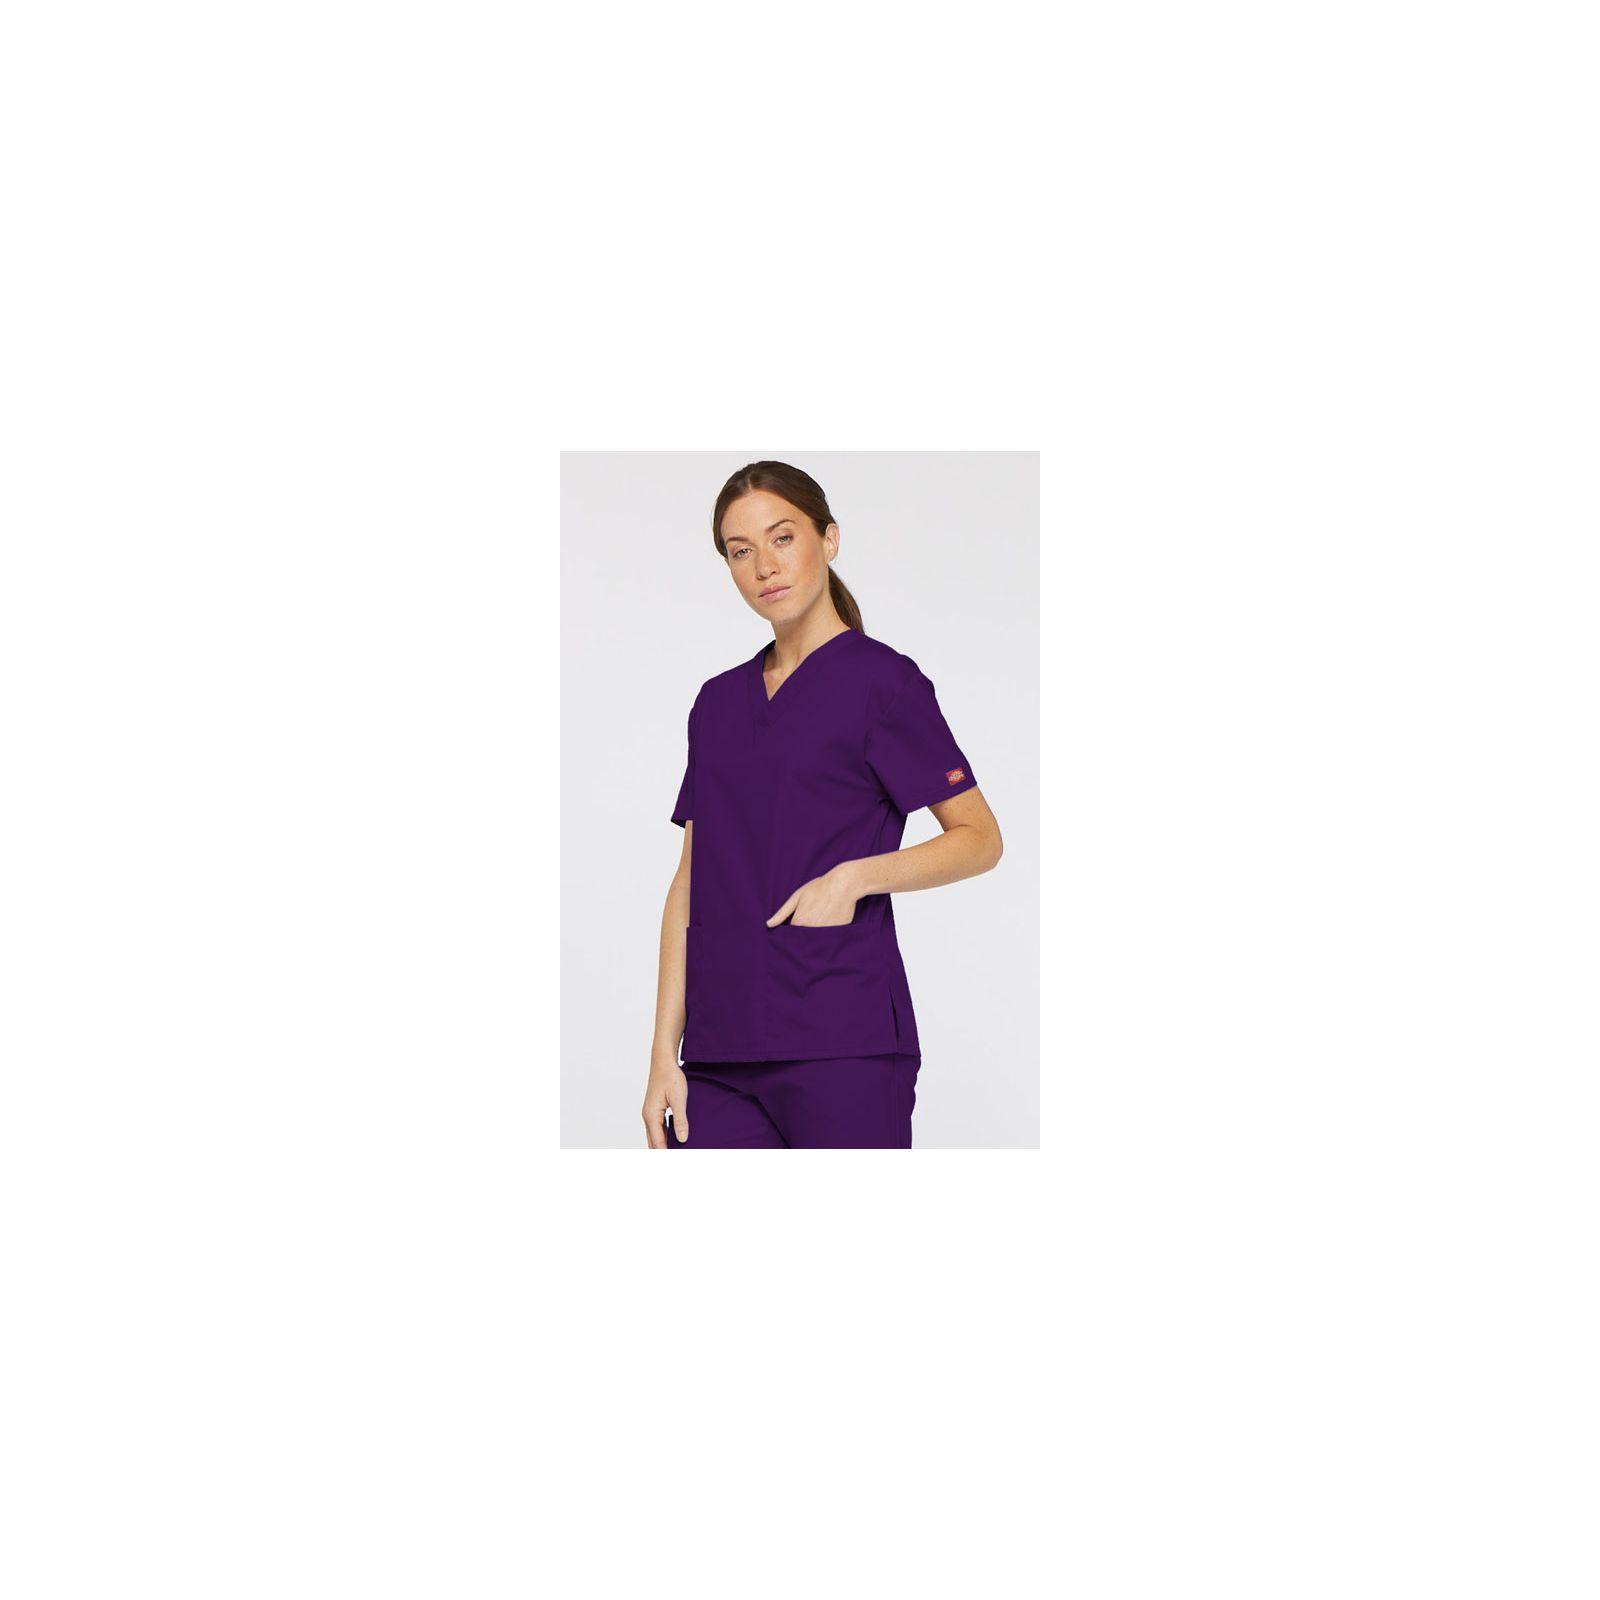 """Blouse médicale Col V Femme, Dickies, 2 poches, Collection """"EDS signature"""" (86706), couleur aubergine, vue modèle coté droit"""